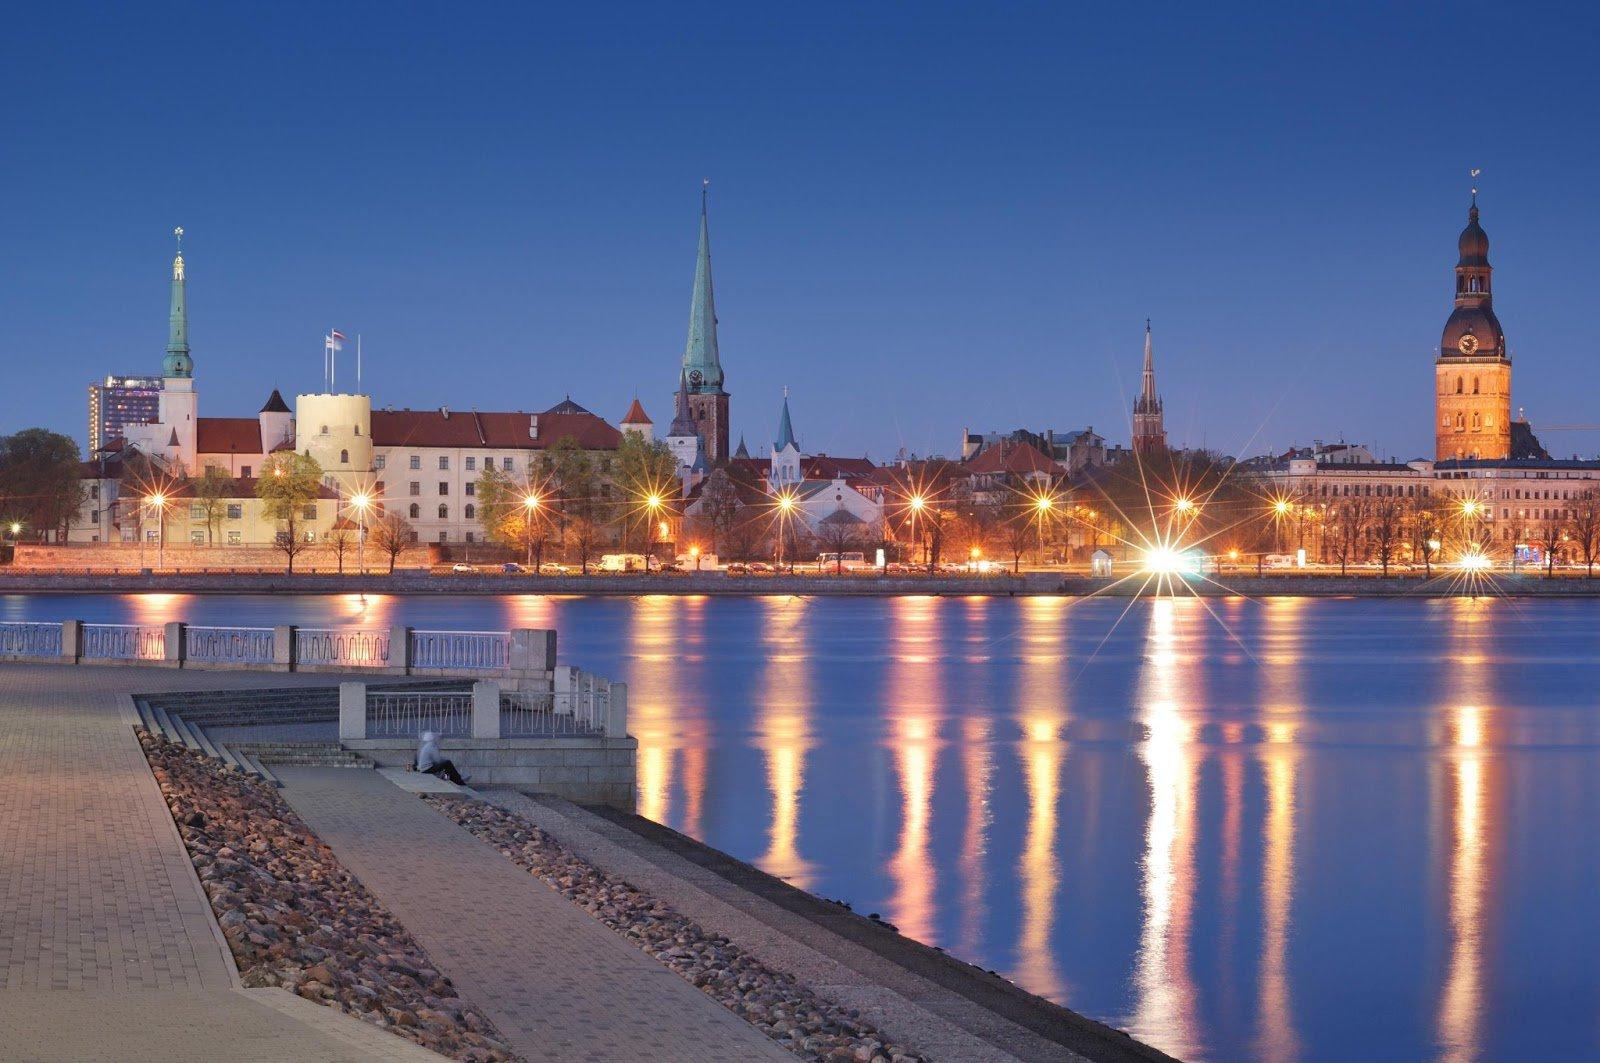 Панорама Риги, Латвия